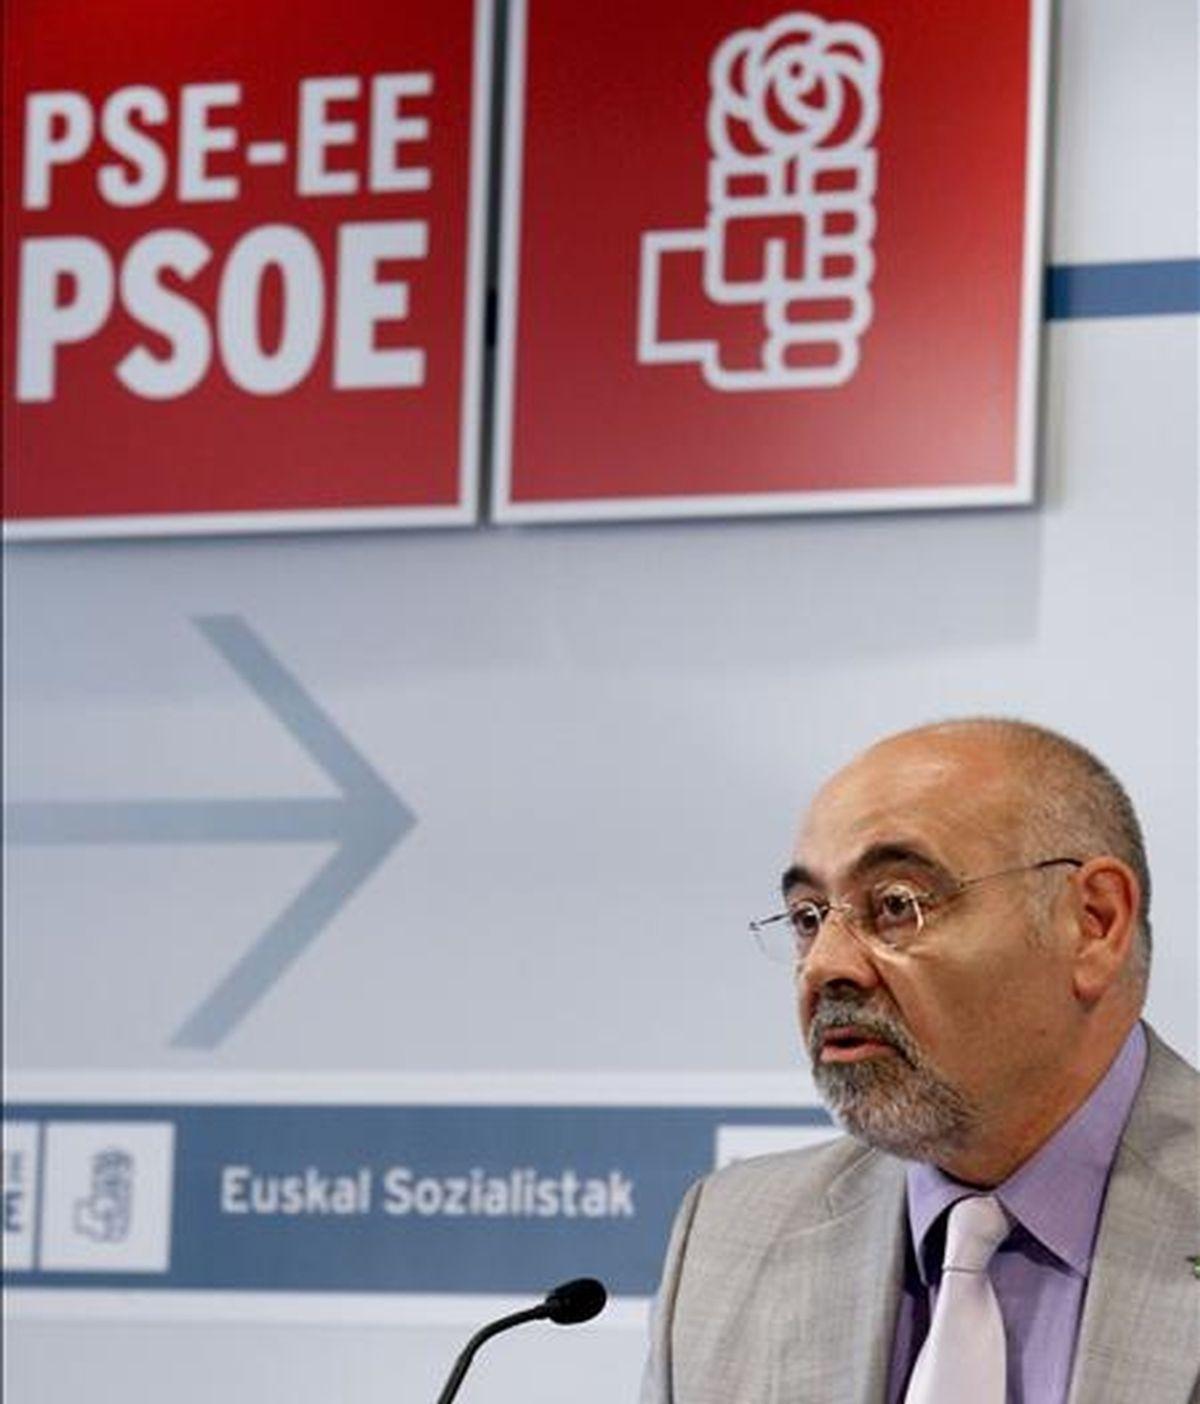 El portavoz del PSE, José Antonio Pastor. EFE/Archivo